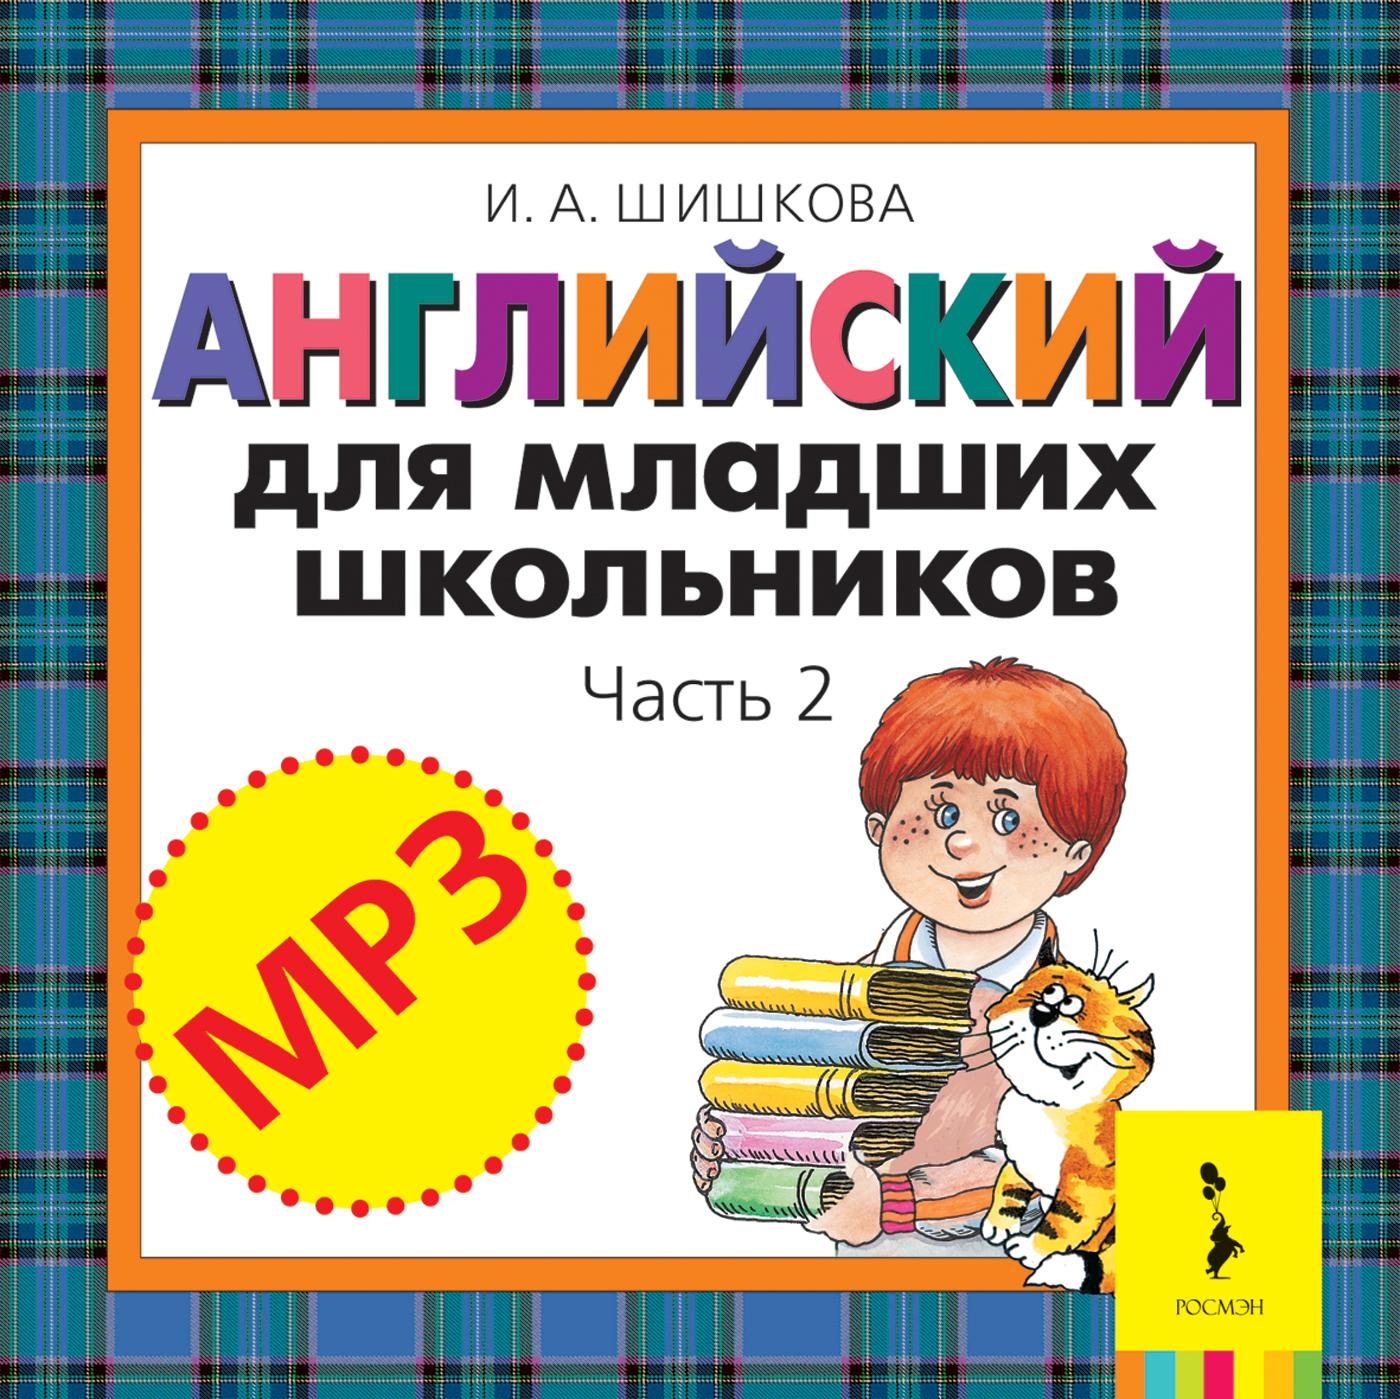 И. А. Шишкова Английский для младших школьников. Часть 2 (аудиоприложение) английский для школьников 1–4 х классов